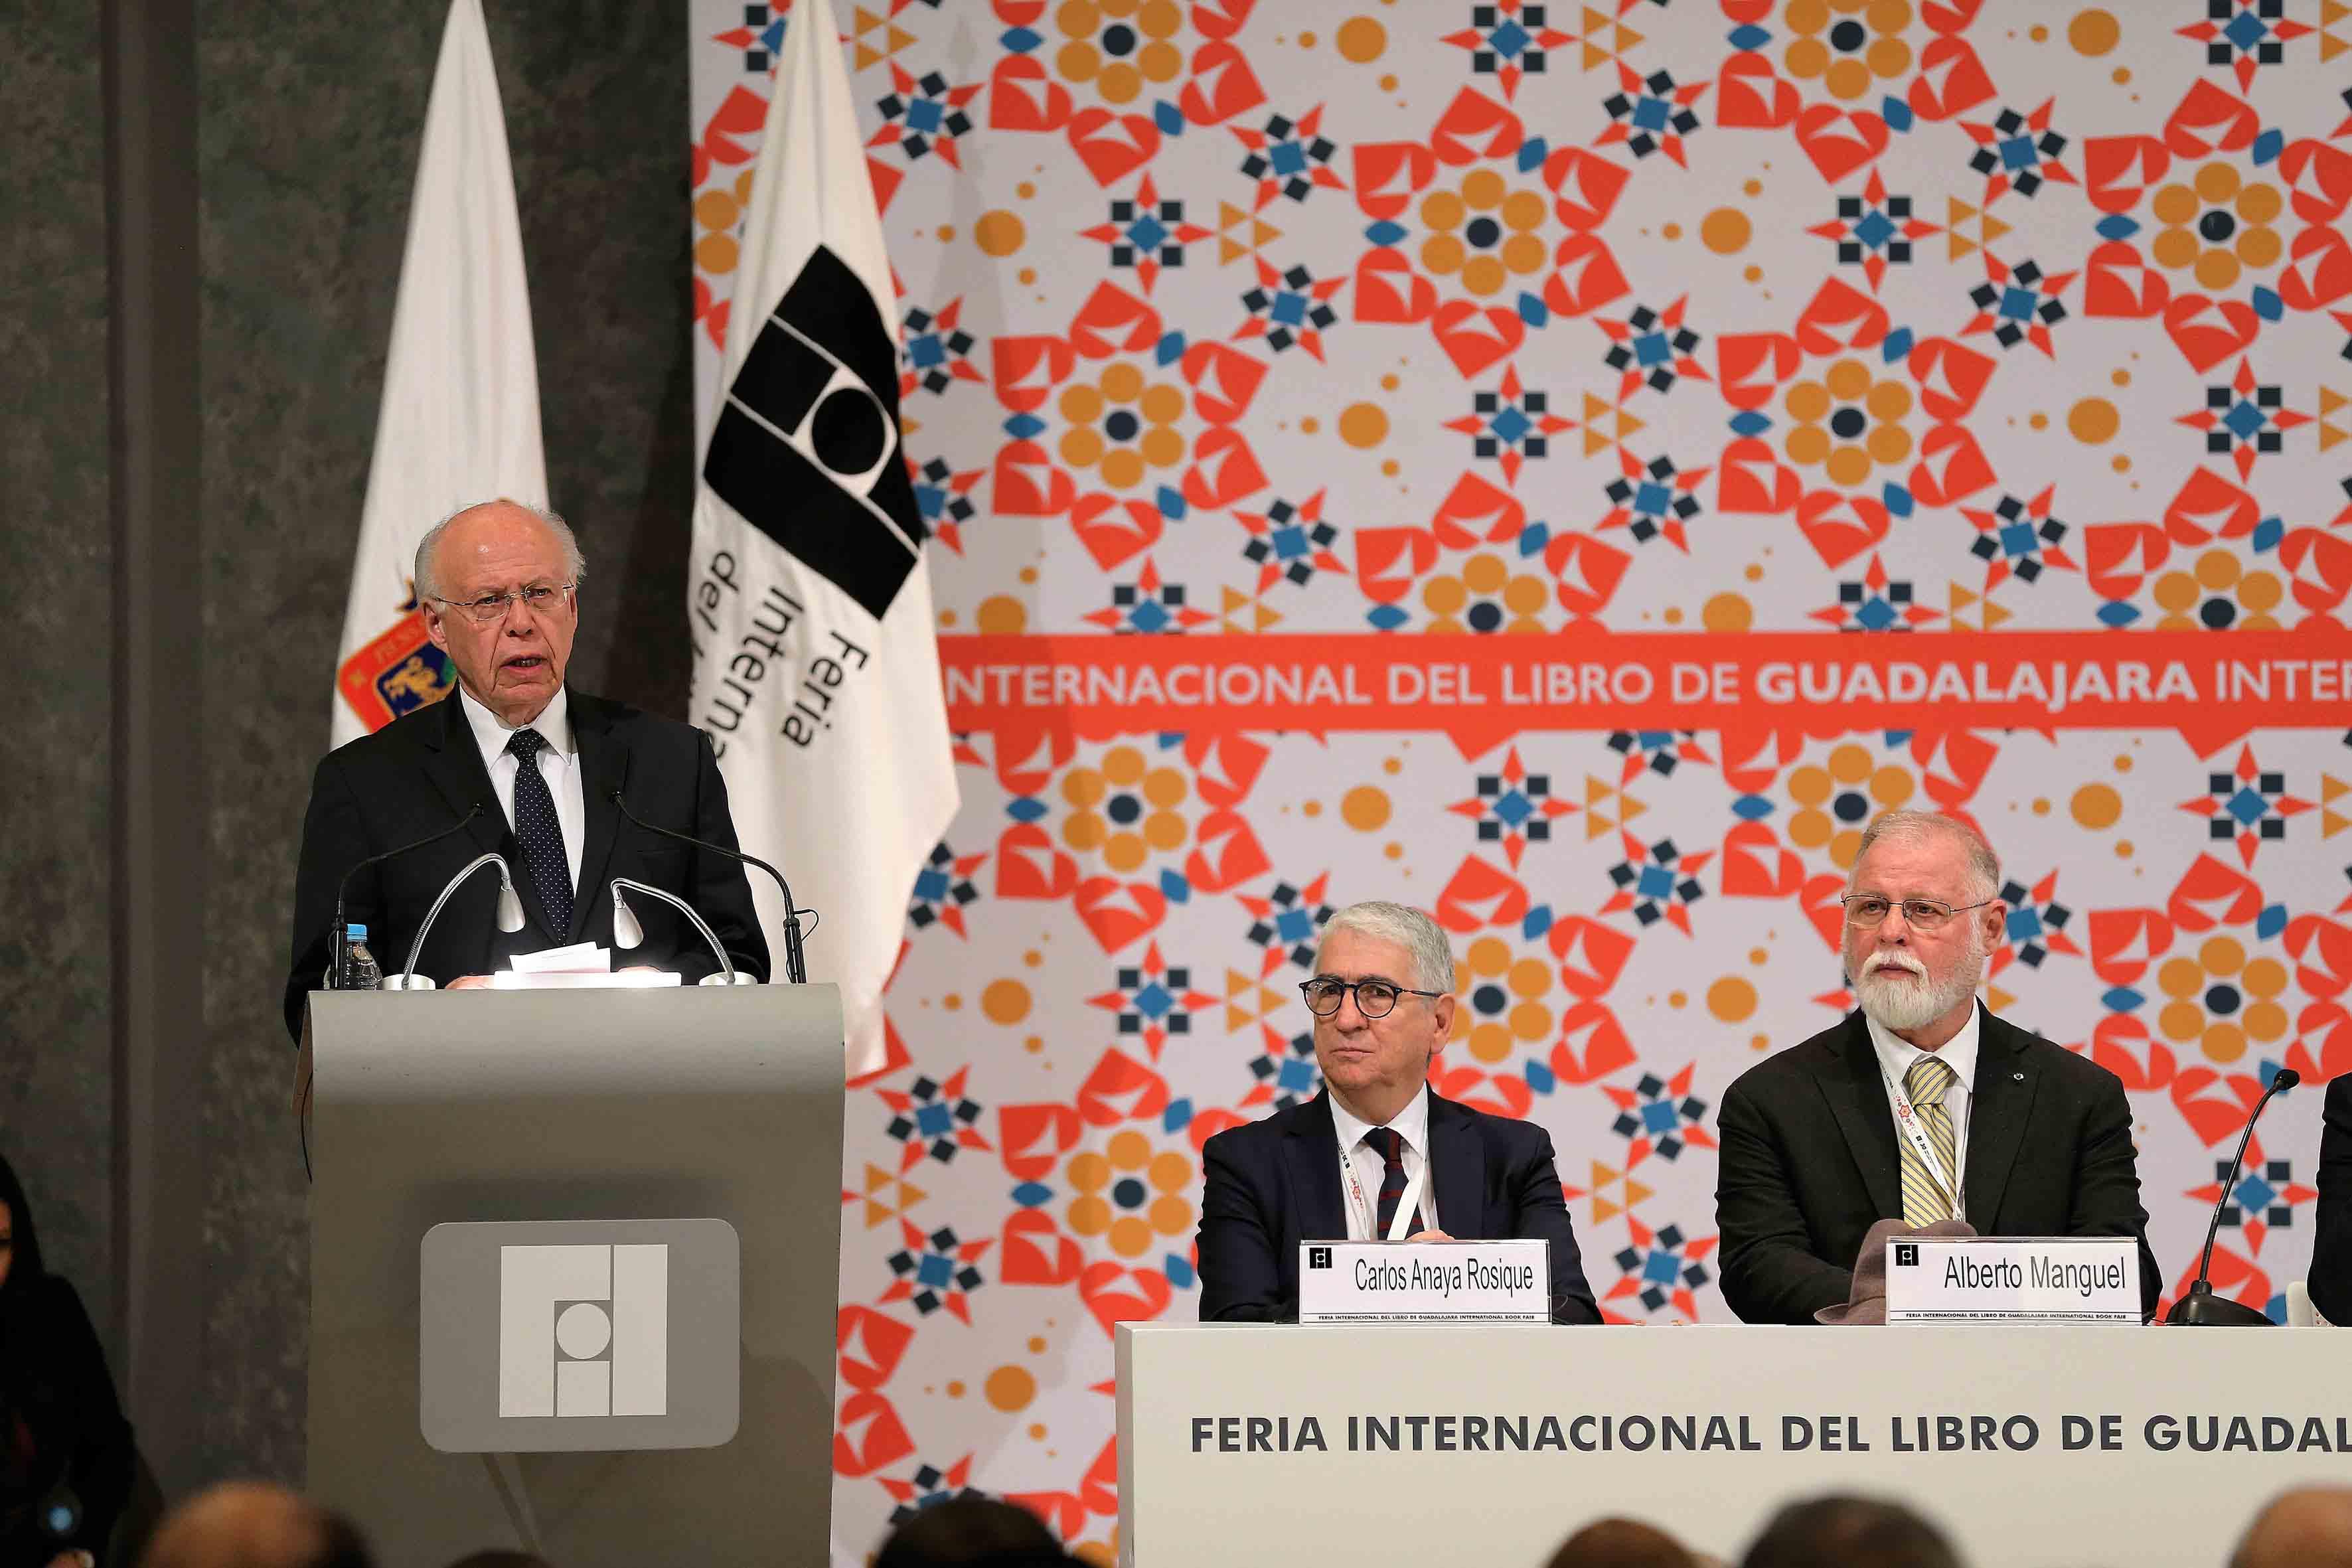 Secretario de Salud del gobierno federal, doctor José Ramón Narro Robles, haciendo uso de la palabra en podium, durante ceremonia de inaguración de la FIL.